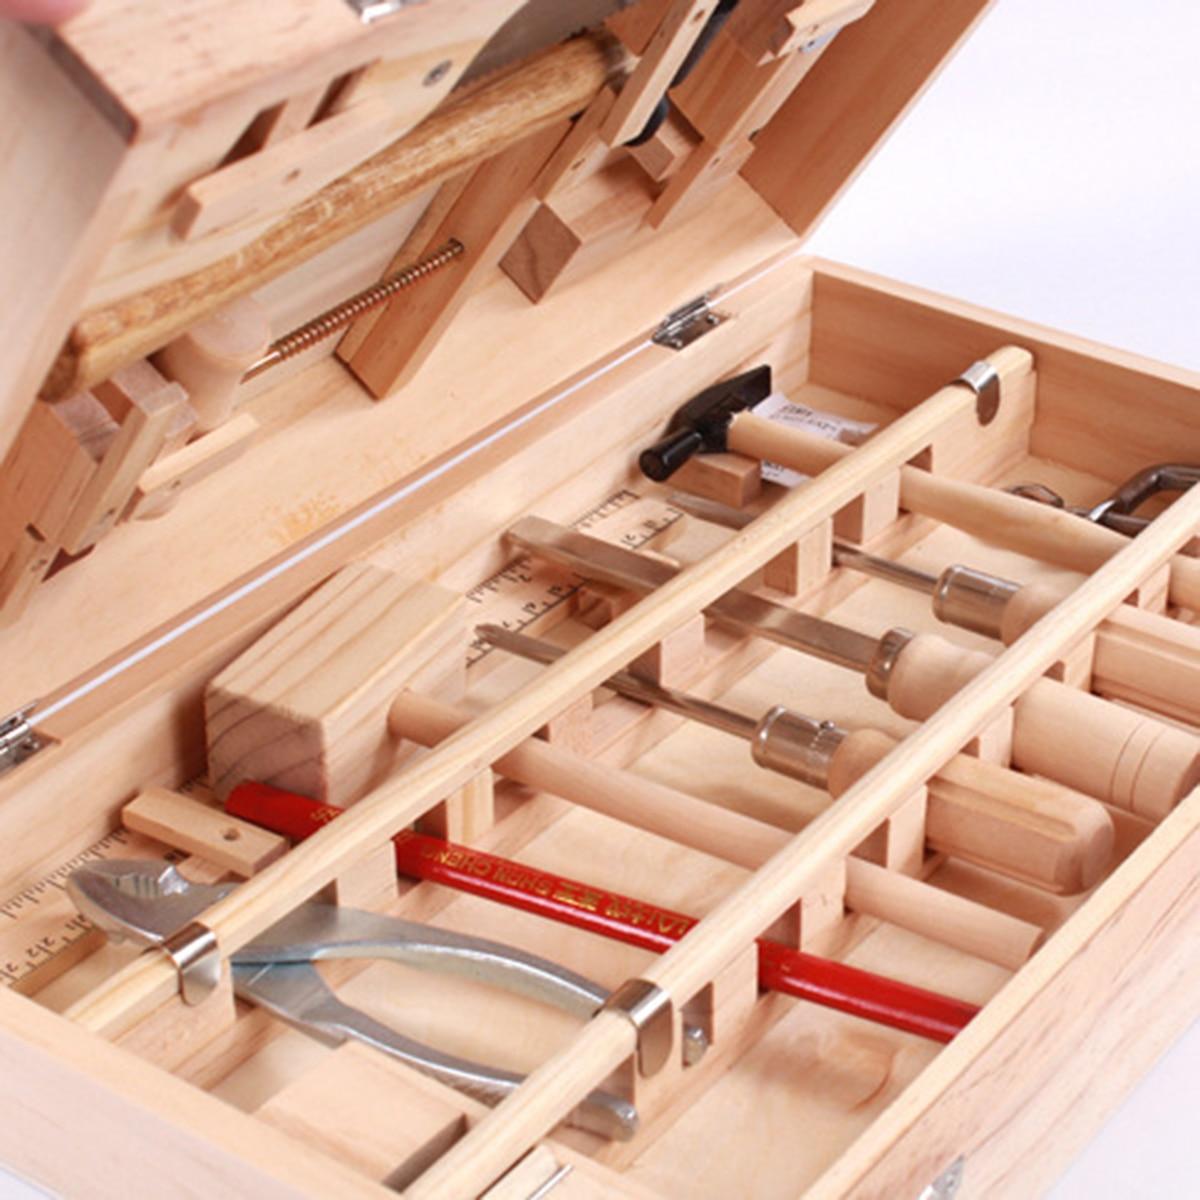 Gestão de manutenção da criança toolbox brinquedo